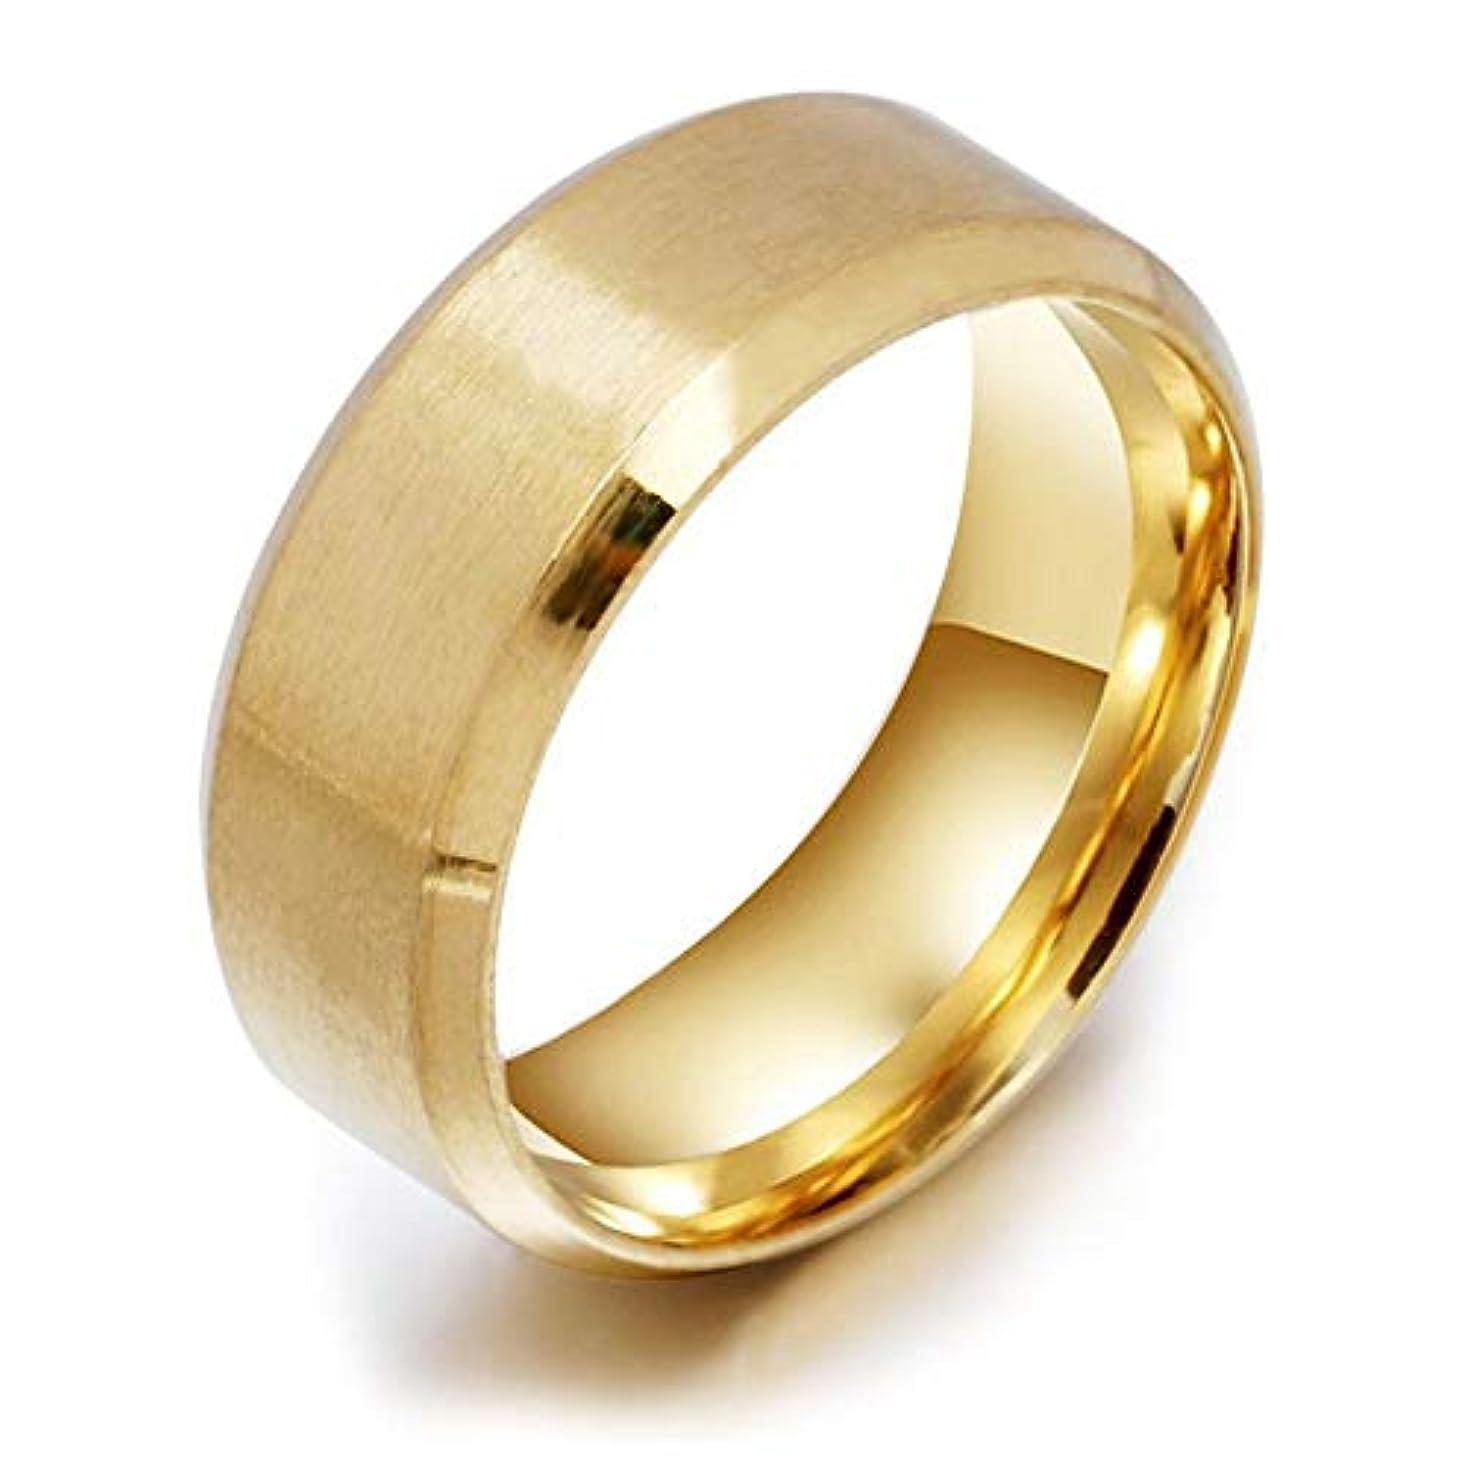 読み書きのできない俳句正義ステンレス鋼の医療指リング磁気減量リング男性のための高いポーランドのファッションジュエリー女性リング-ゴールド10